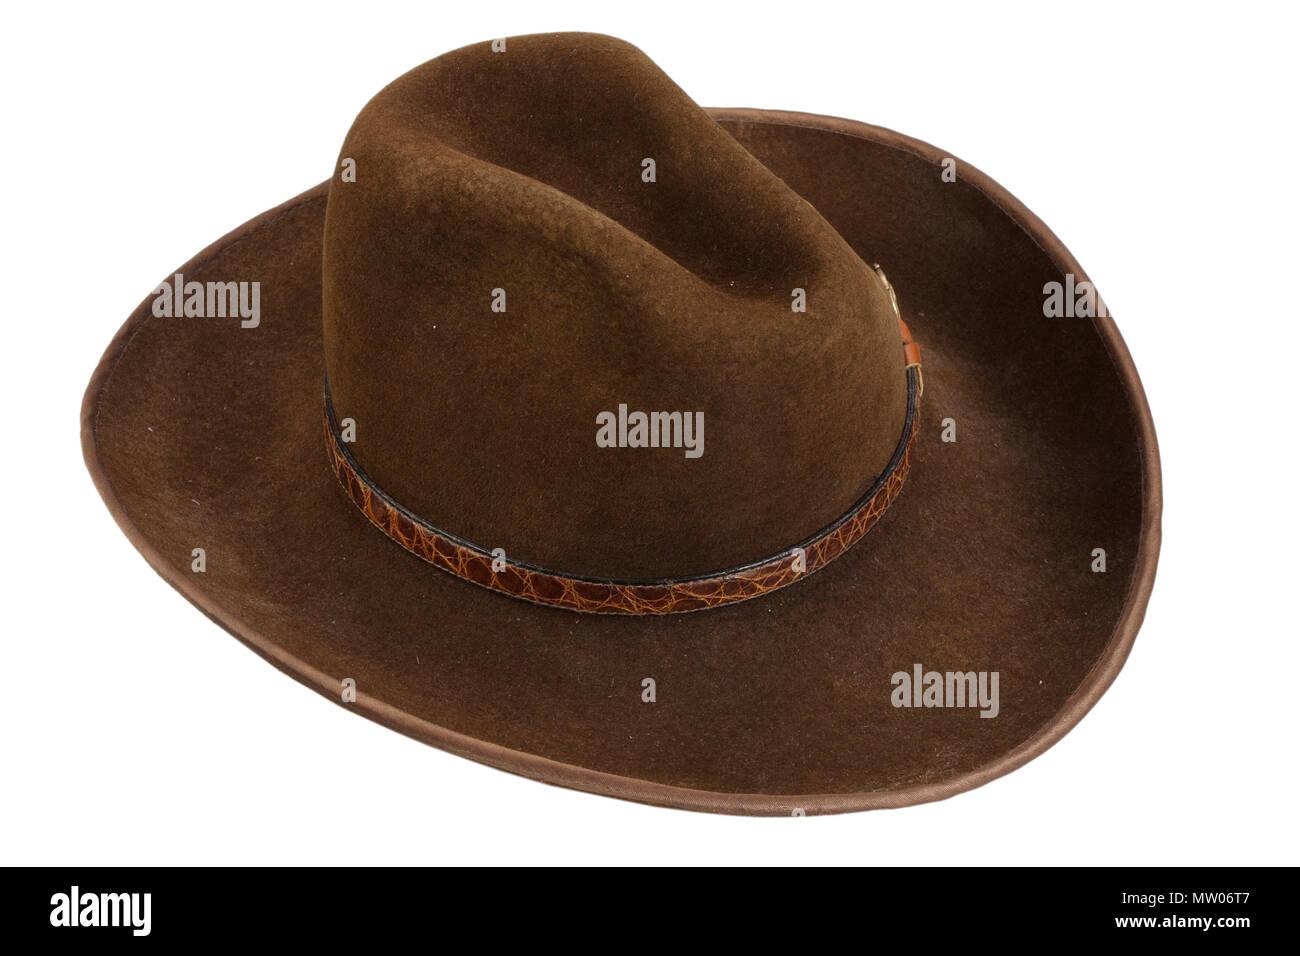 7427758215de6 Stetson Hat Stock Photos   Stetson Hat Stock Images - Alamy